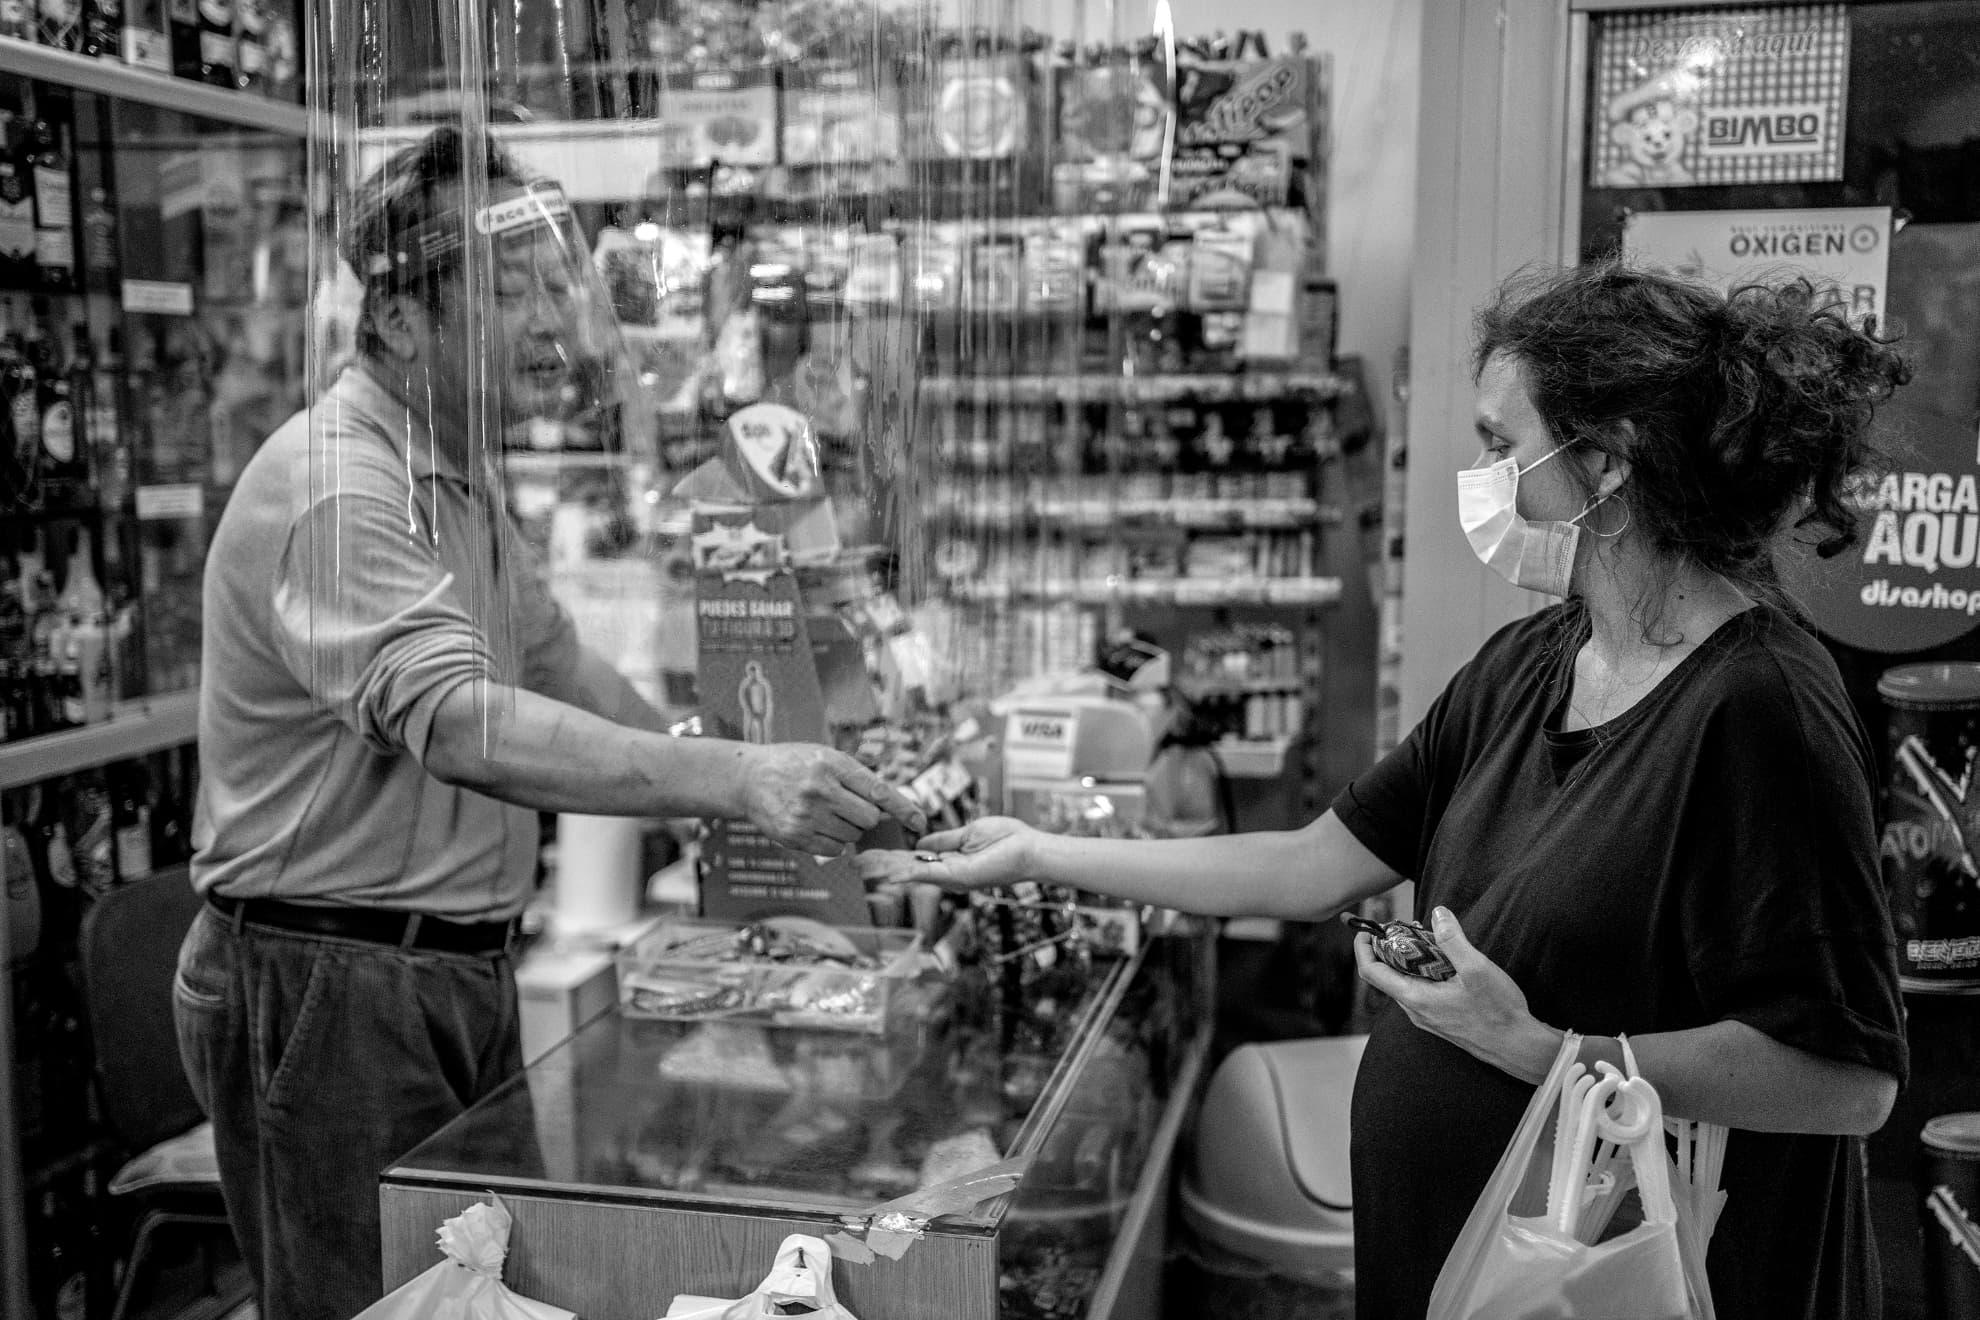 Gran parte de la comunidad china en España empezó el confinamiento antes de que se decretara el estado de alarma. Algunos niños dejaron las aulas antes de que se cerraran las escuelas y la mayoría de los negocios echaron el cierre. Eso fue lo que hicieron Ai -o Luis, como se identifica en español- y su mujer, Mónica. Sin embargo, después de casi dos meses, volvieron a abrir hace unos días su negocio de alimentación y bazar en nuestro barrio. Intuyo que las dificultades económicas fueron una razón de peso para su reapertura. Se alegraron de vernos -y nosotros también-. Por cierto, ¡después de semanas de búsqueda... conseguí una caja de levadura!